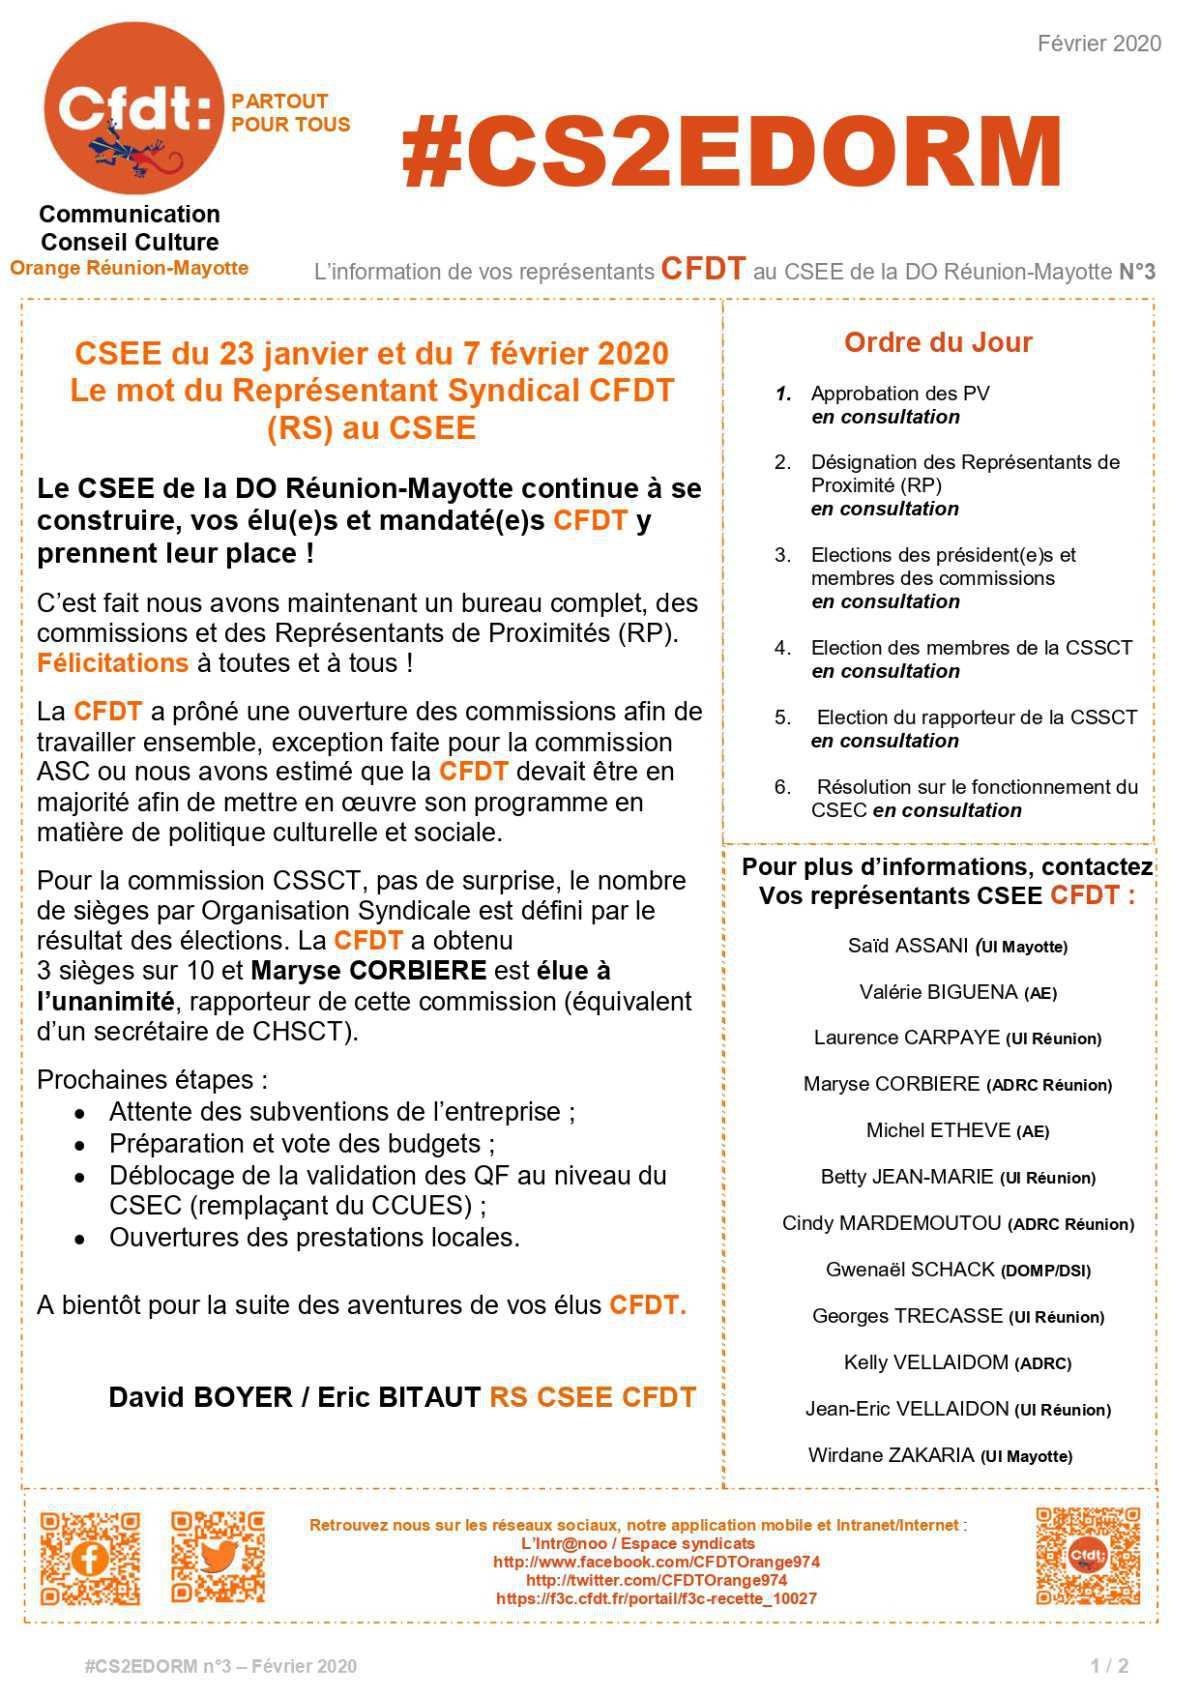 #CS2EDORM n°3 - La construction du CSEE continue ! La mise en place des commissions et des RP est faite !